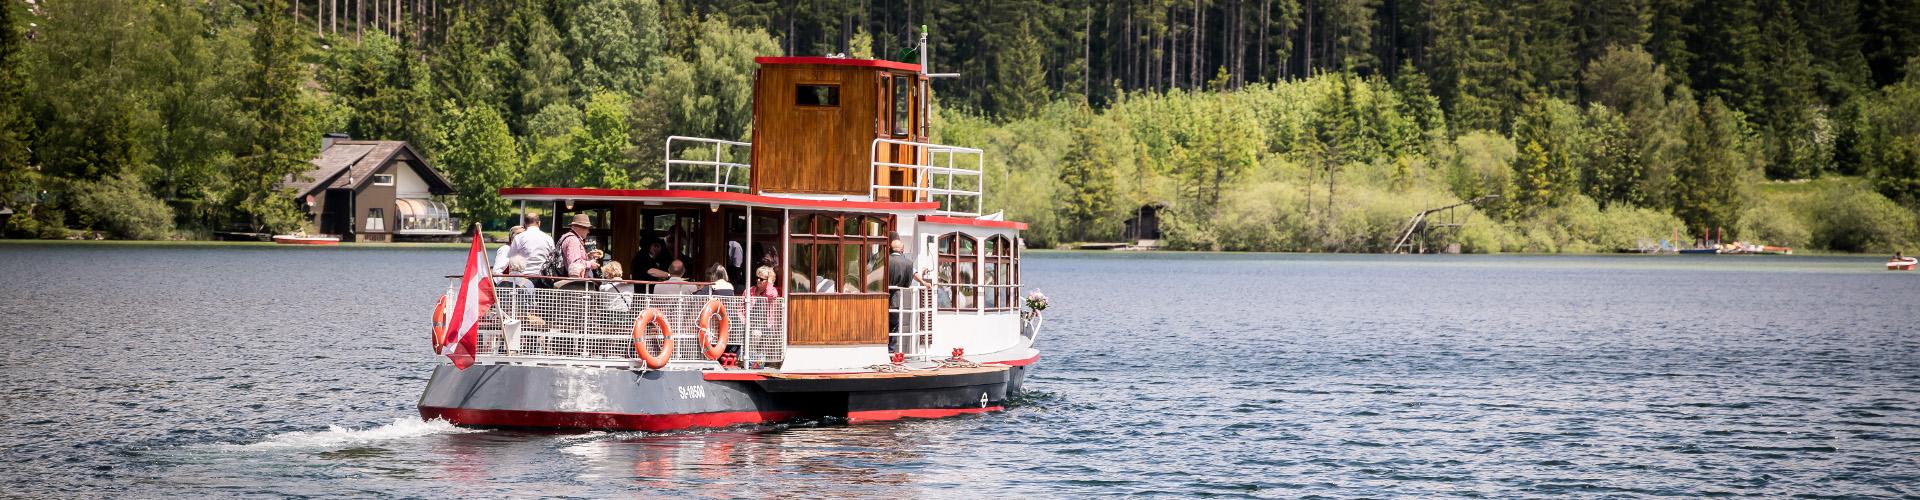 Ausflugsschiff am Erlaufsee, © www.mariazell.blog